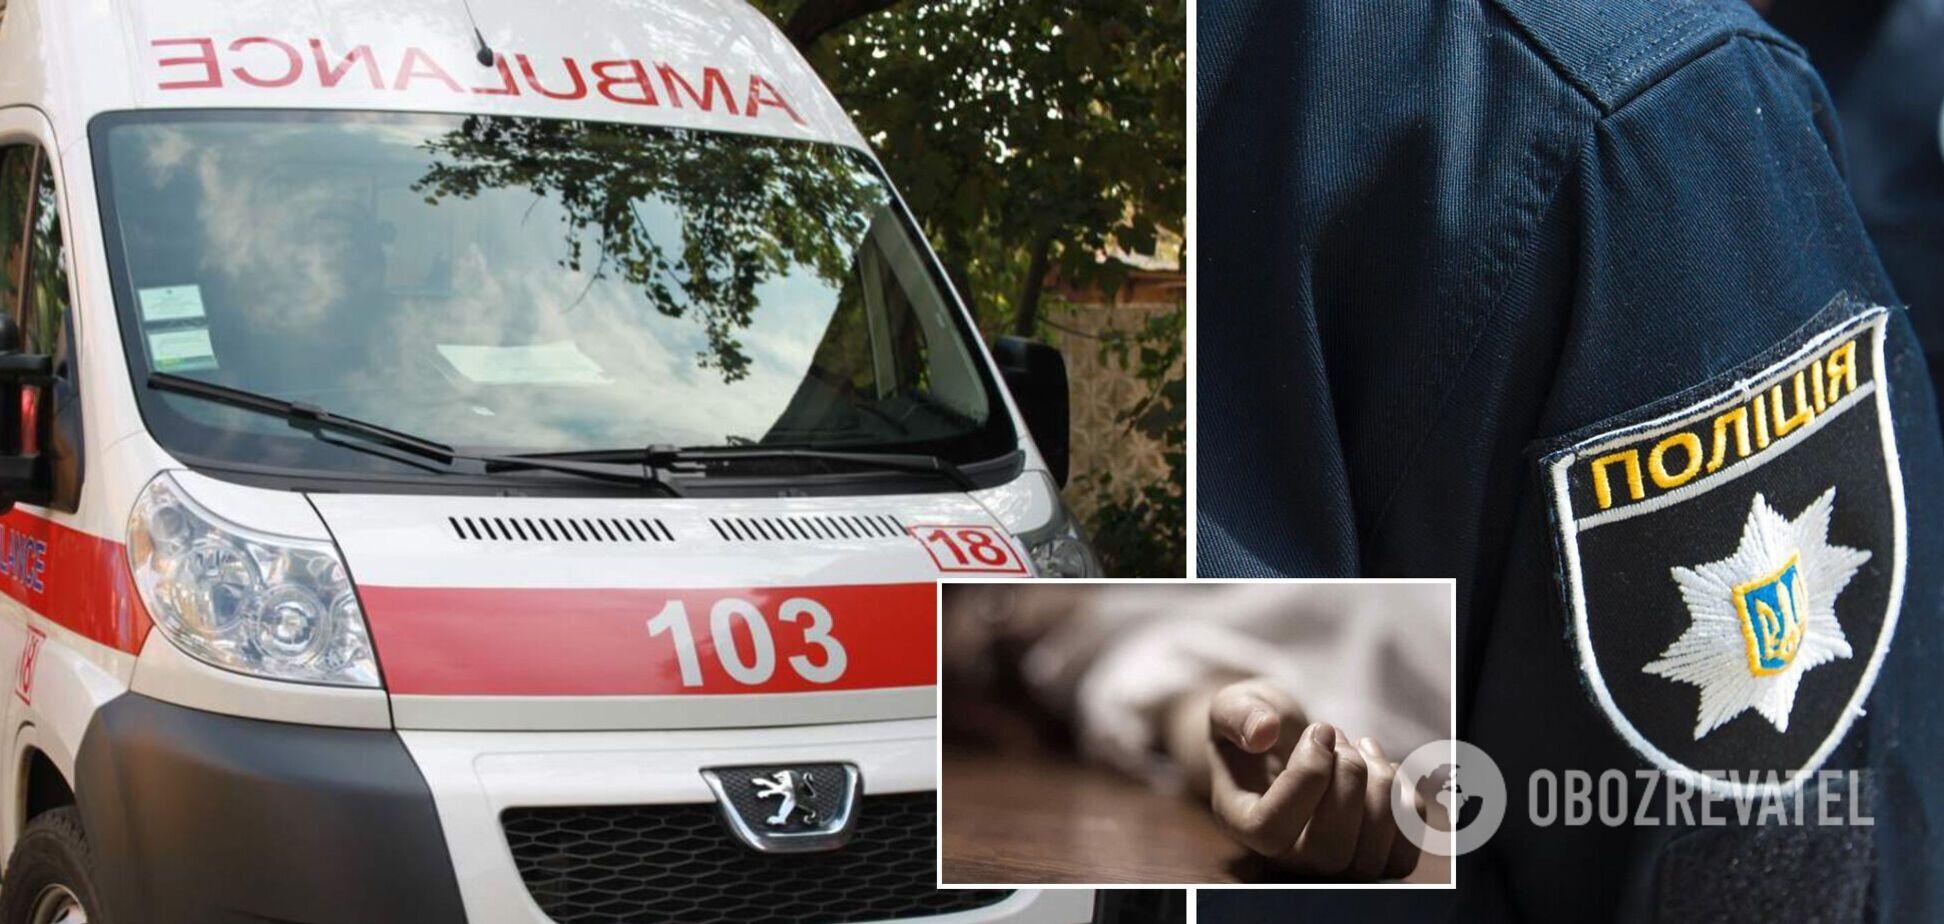 В Черновцах при странных обстоятельствах умер студент-иностранец: тело нашли на улице